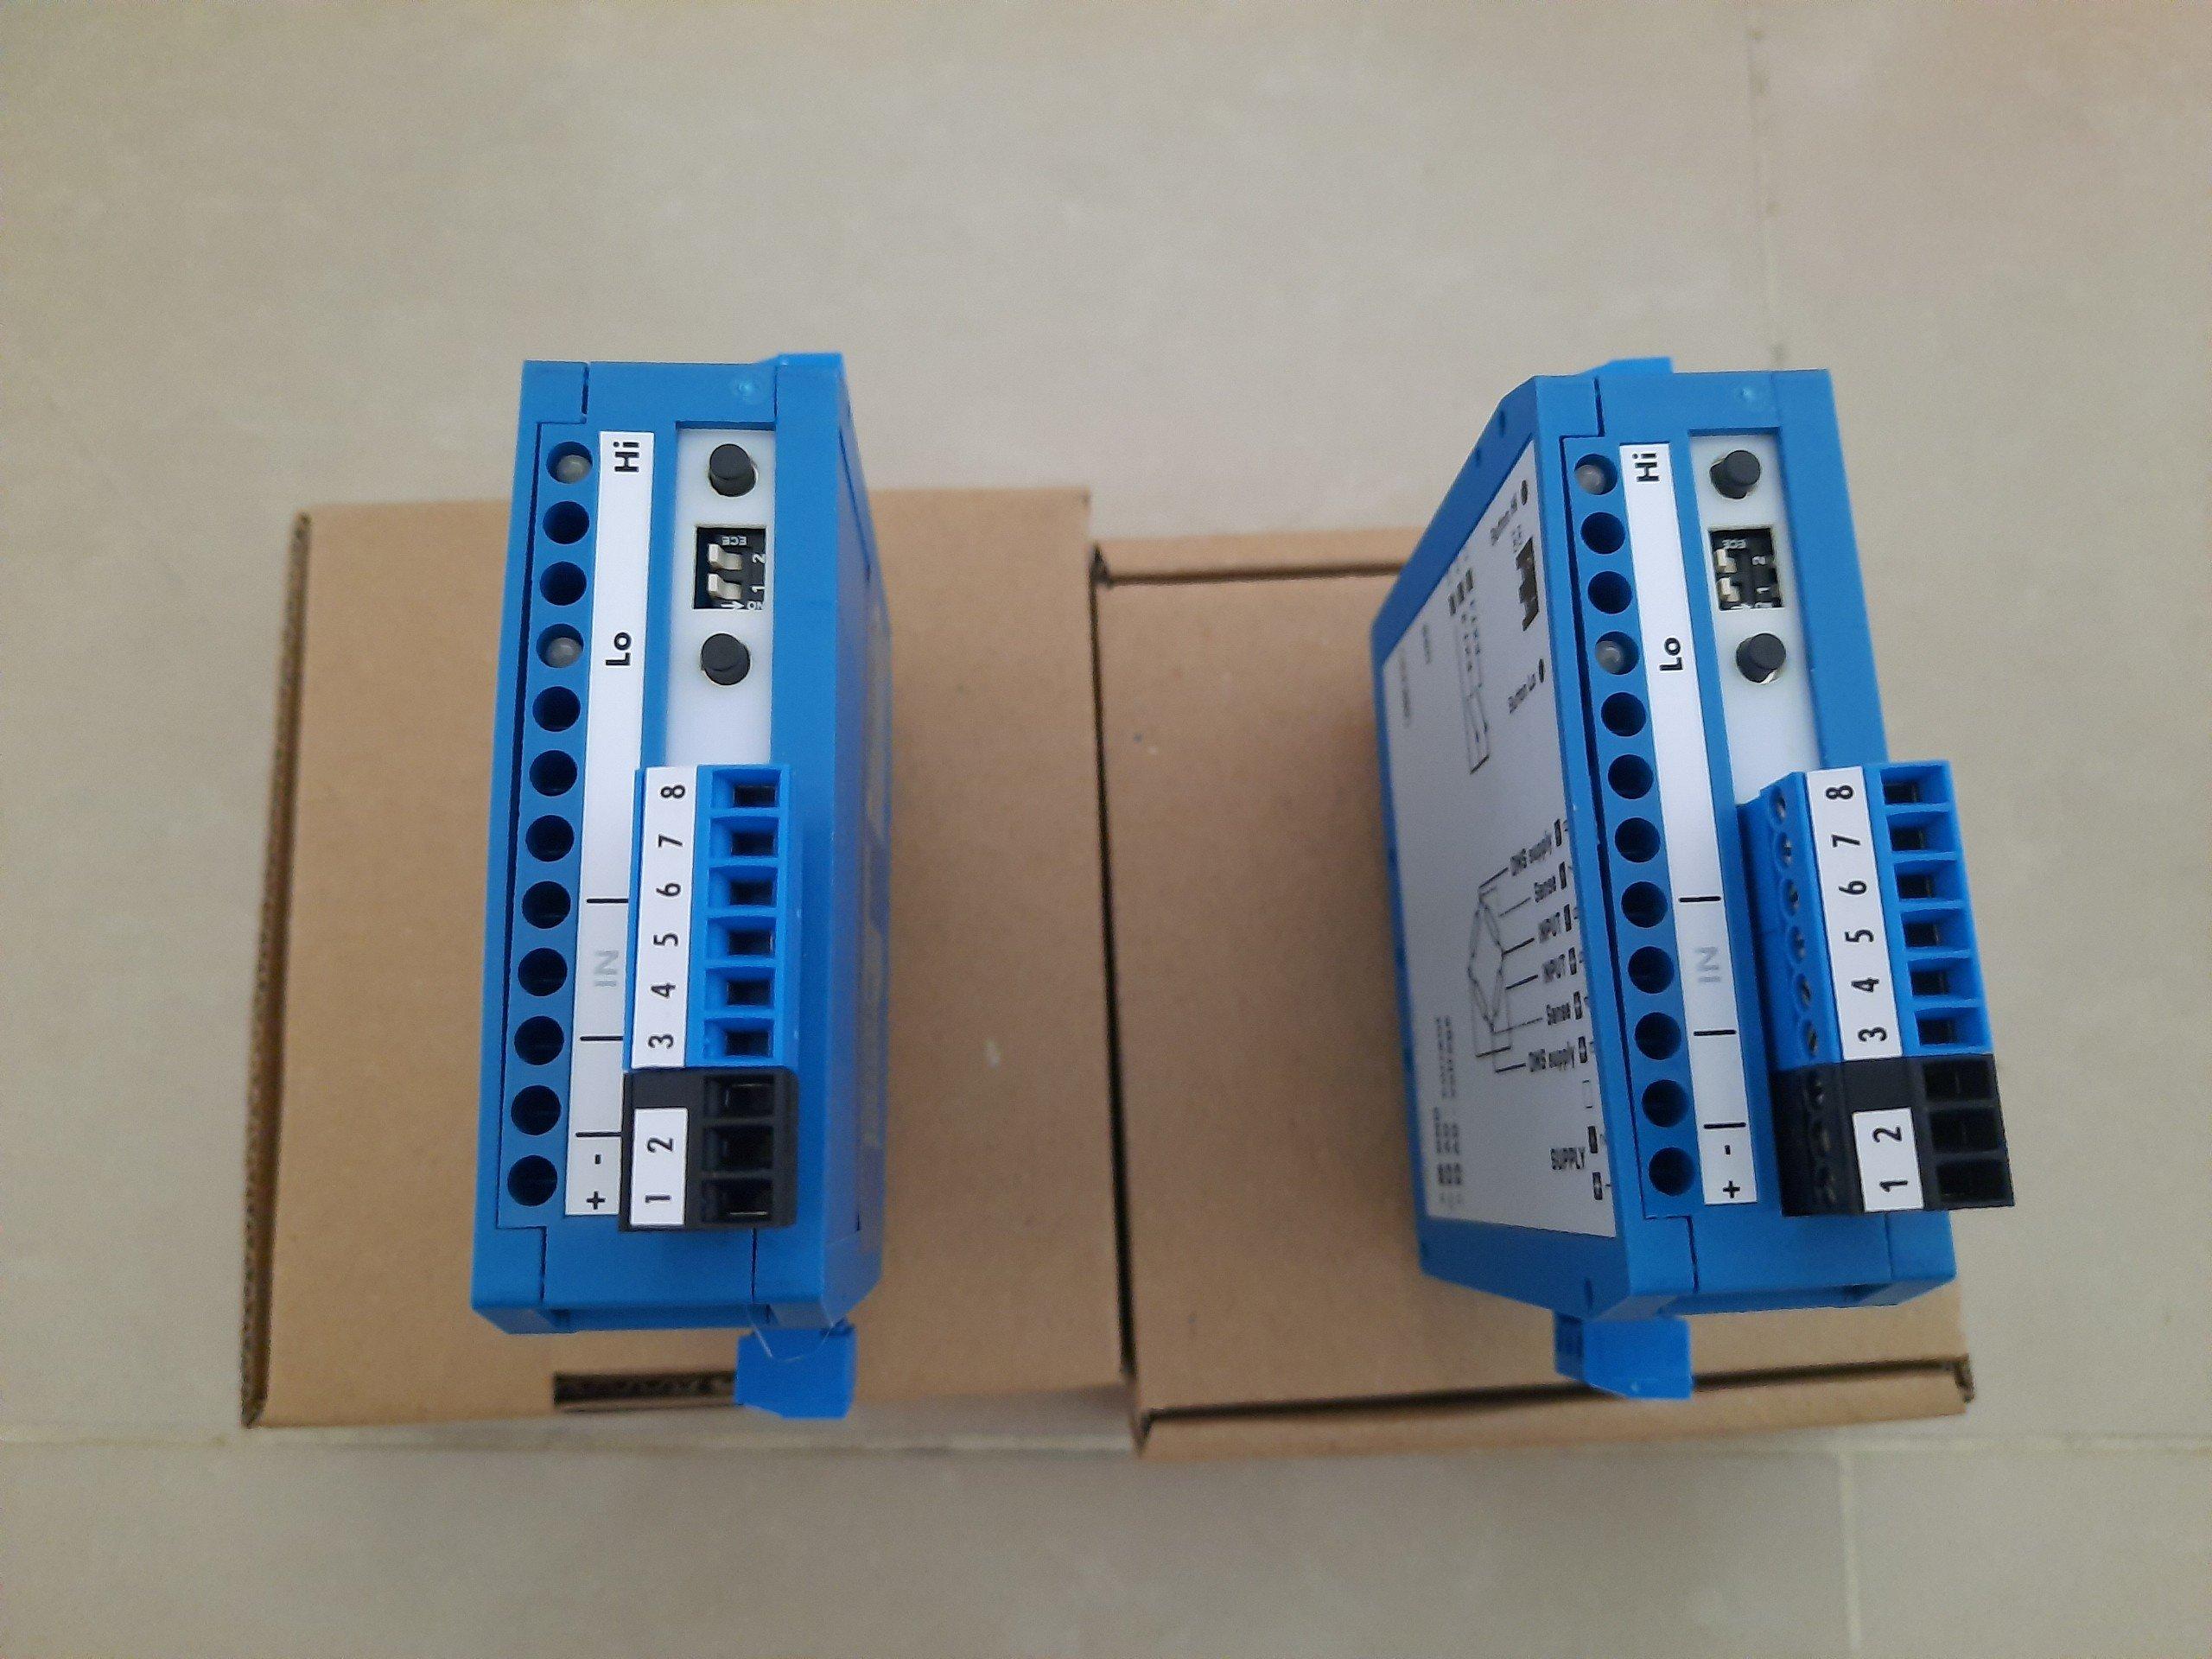 Bộ chuyển đổi tín hiệu Loadcell ra analog 4-20mA